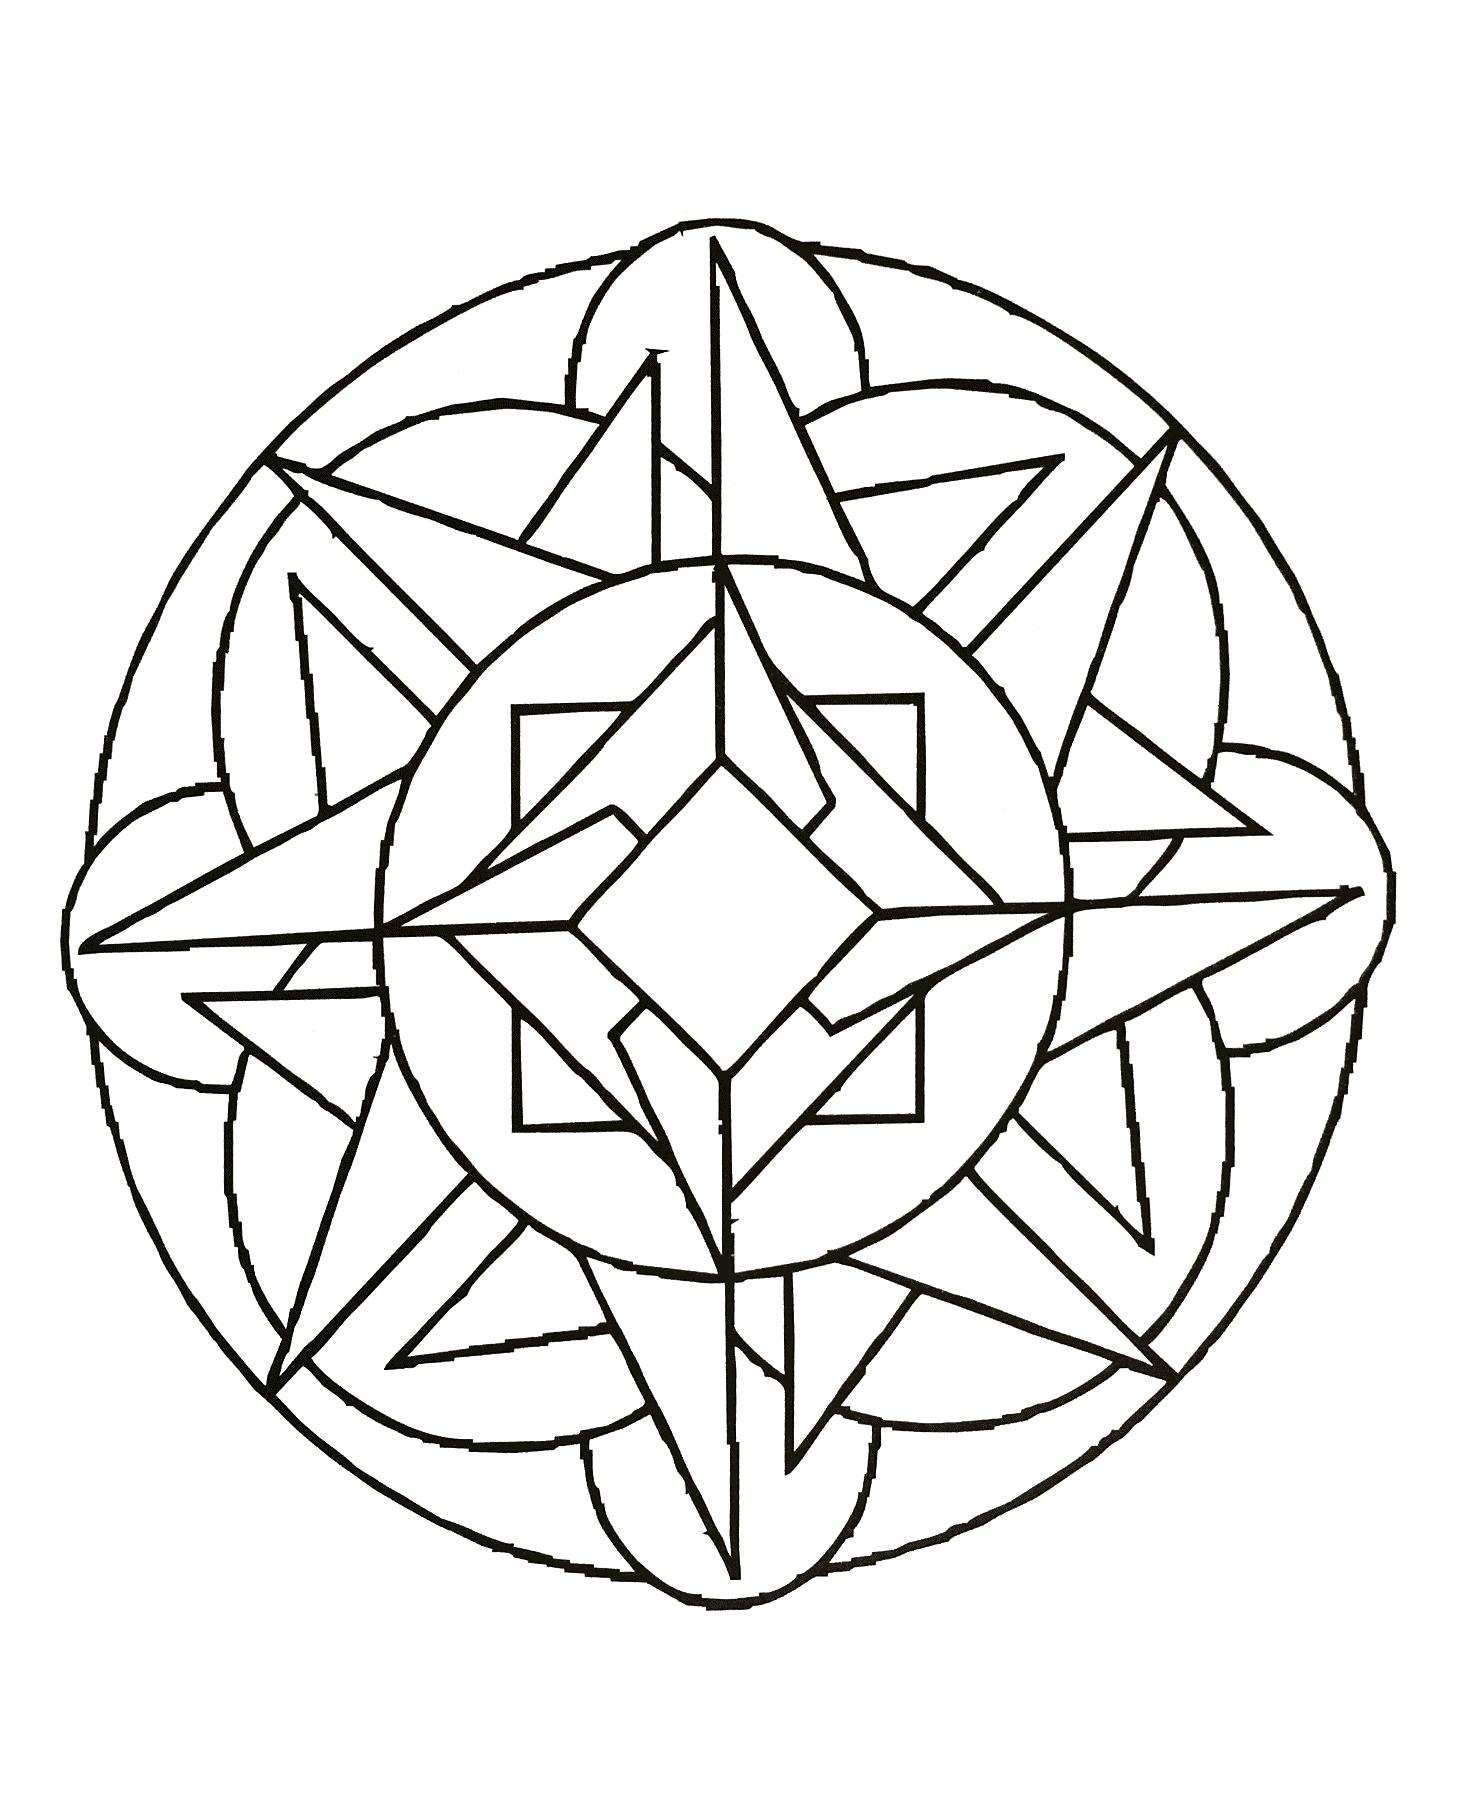 Mandalas a imprimer 25 coloriage mandalas coloriages - Mandala a imprimer gratuit ...